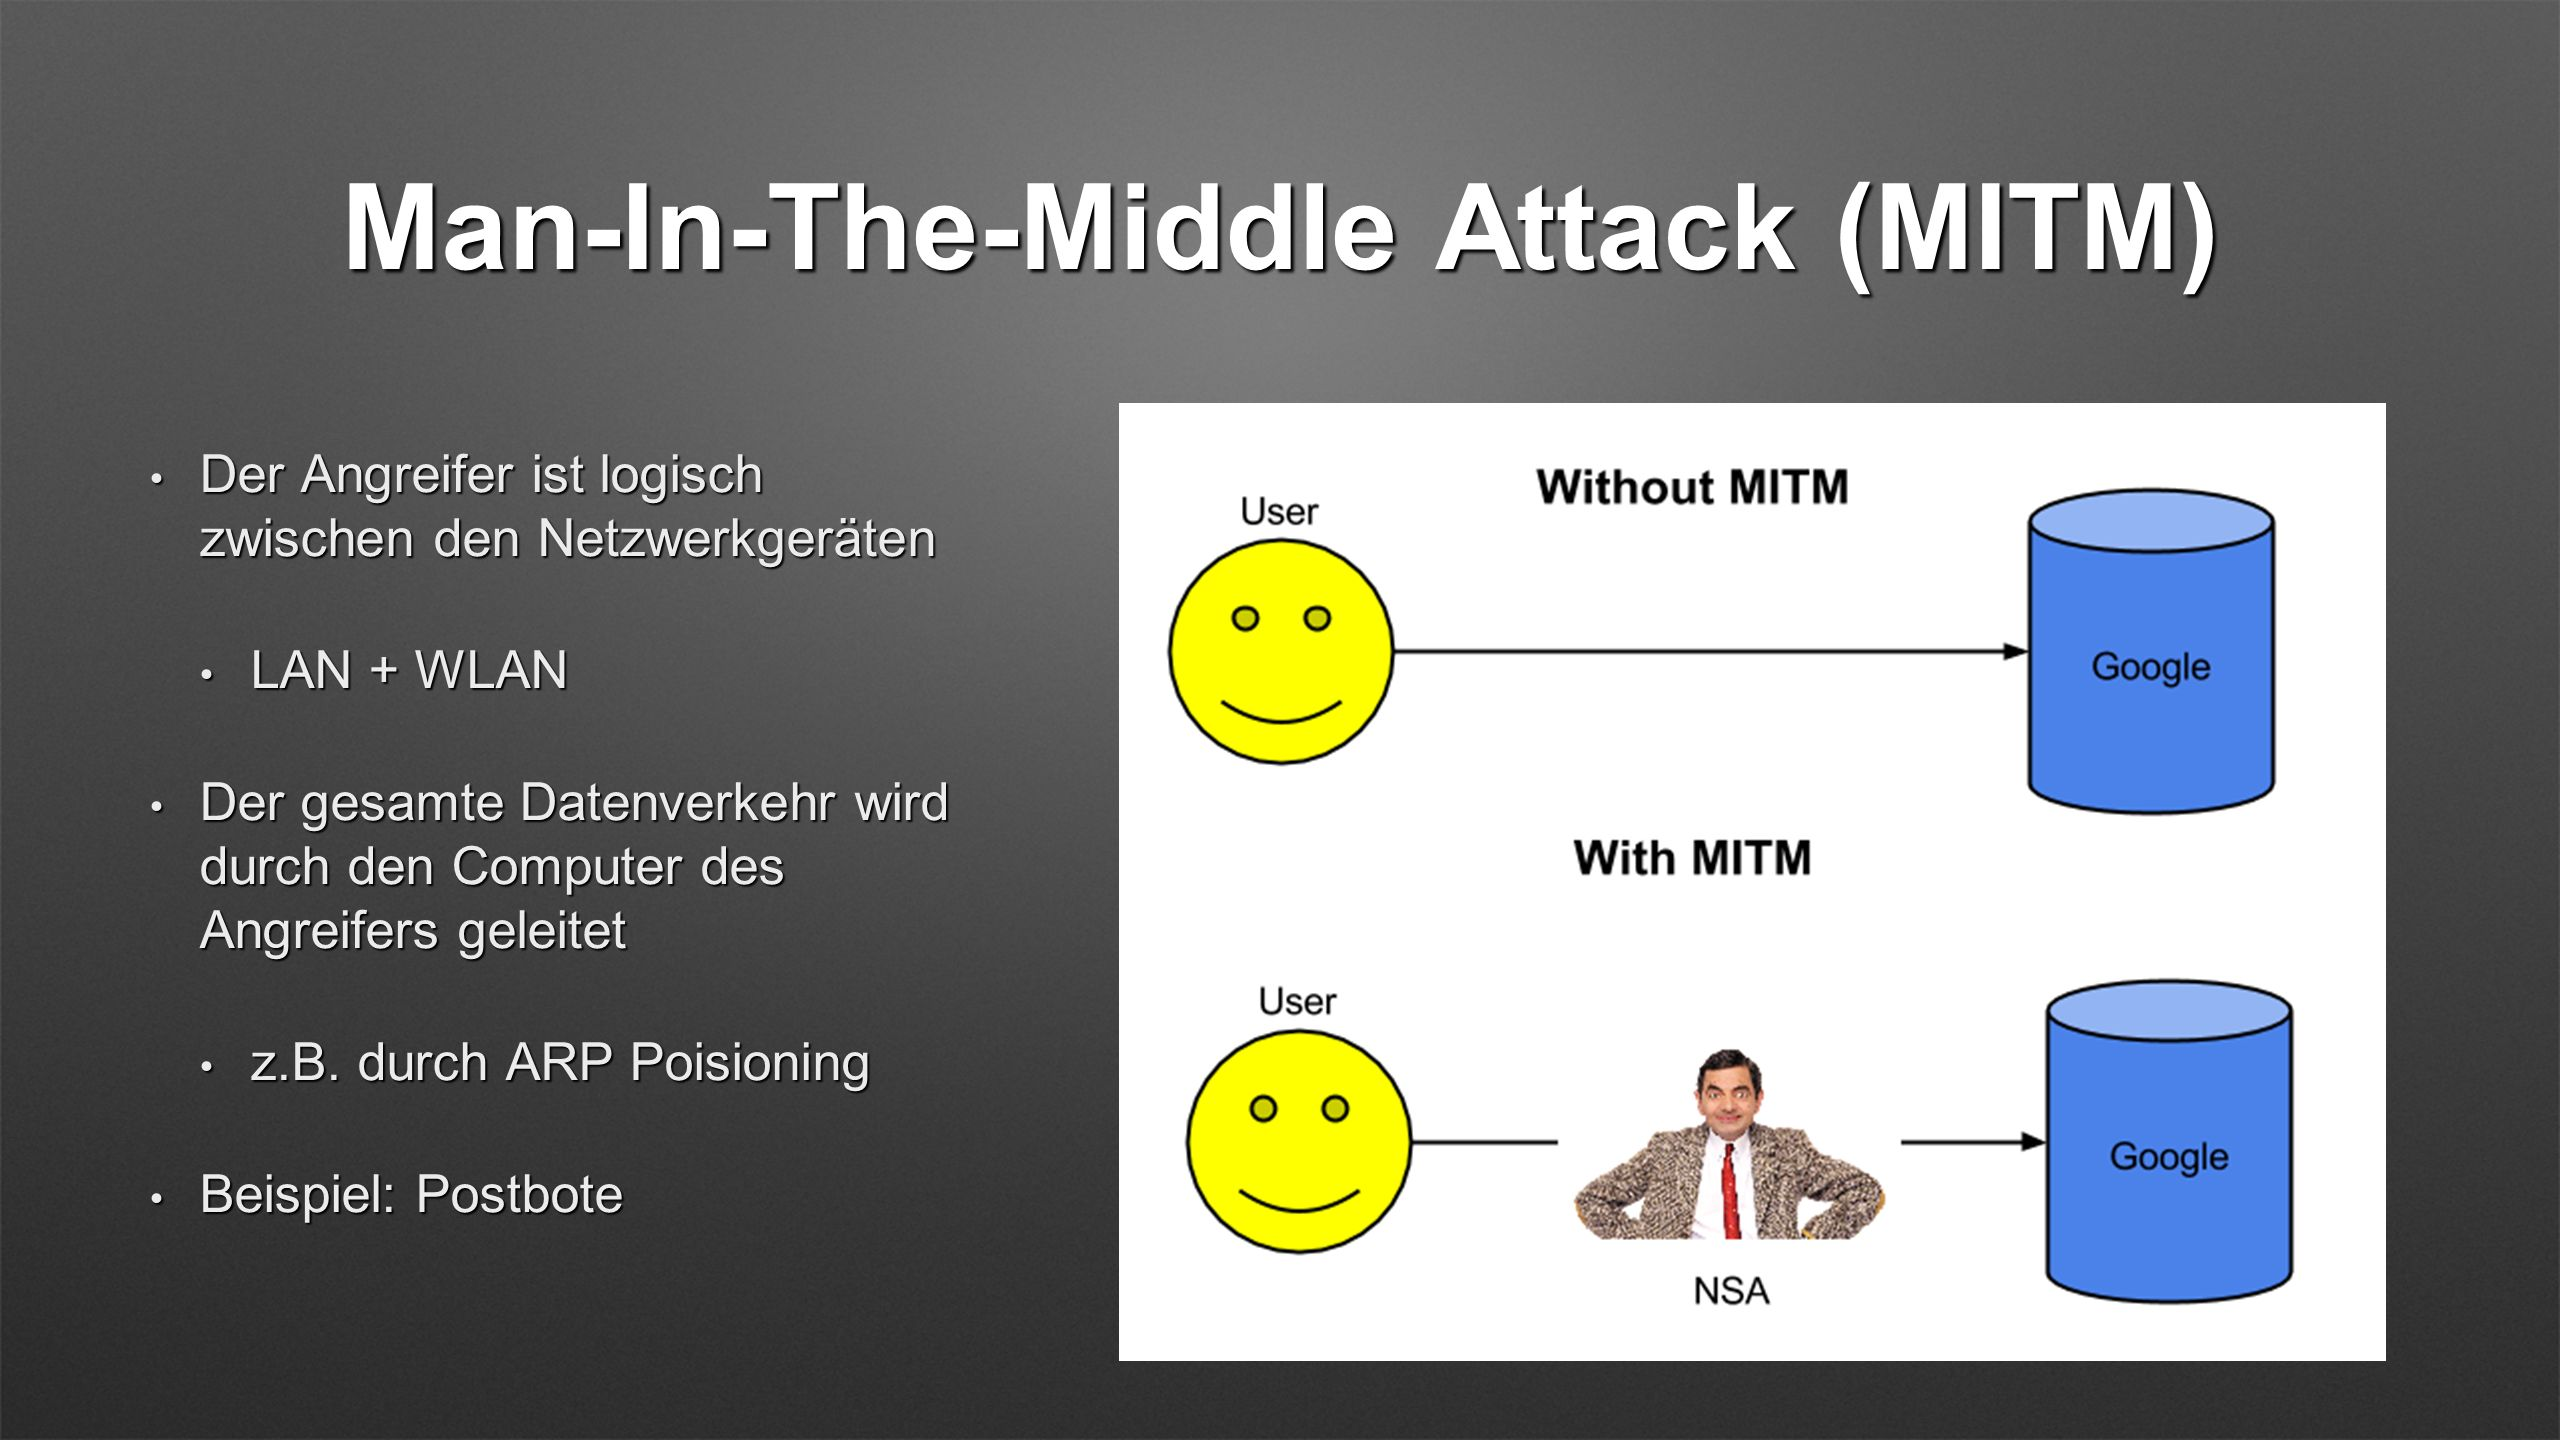 Man-In-The-Middle Attack (MITM) Der Angreifer ist logisch zwischen den Netzwerkgeräten Der Angreifer ist logisch zwischen den Netzwerkgeräten LAN + WLAN LAN + WLAN Der gesamte Datenverkehr wird durch den Computer des Angreifers geleitet Der gesamte Datenverkehr wird durch den Computer des Angreifers geleitet z.B.